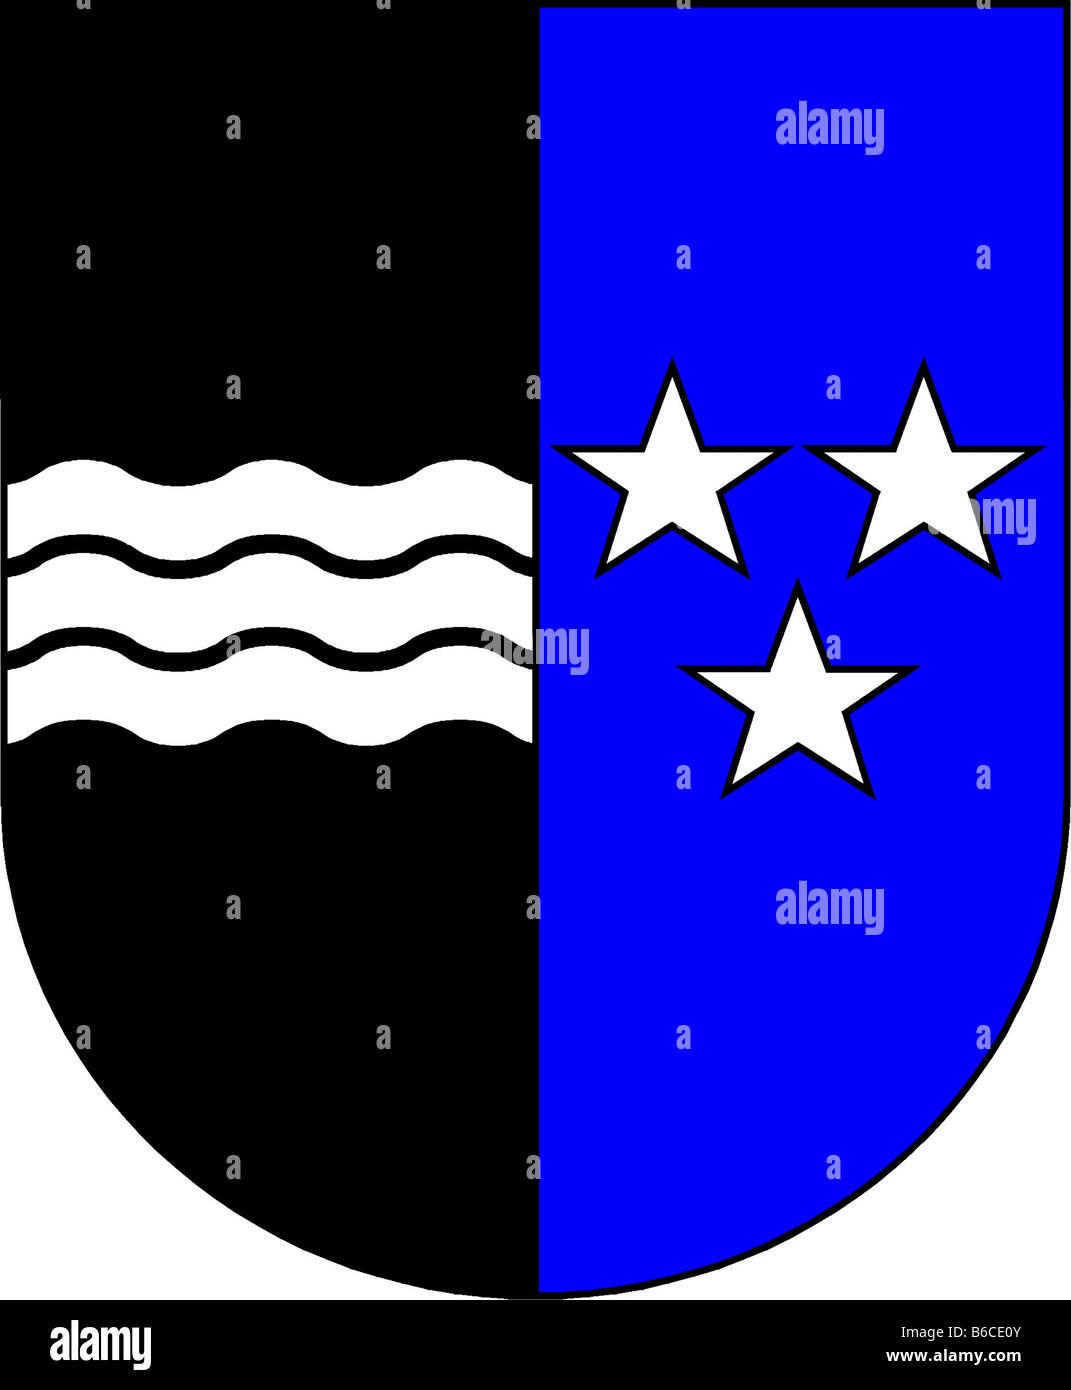 illustration flag of canton of aargau switzerland - Stock Image